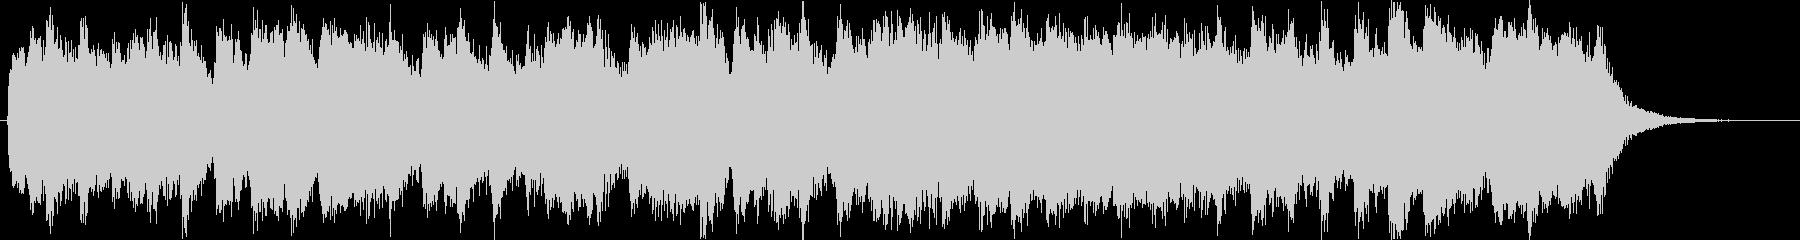 22秒/オーケストラワルツ結婚式やCMにの未再生の波形